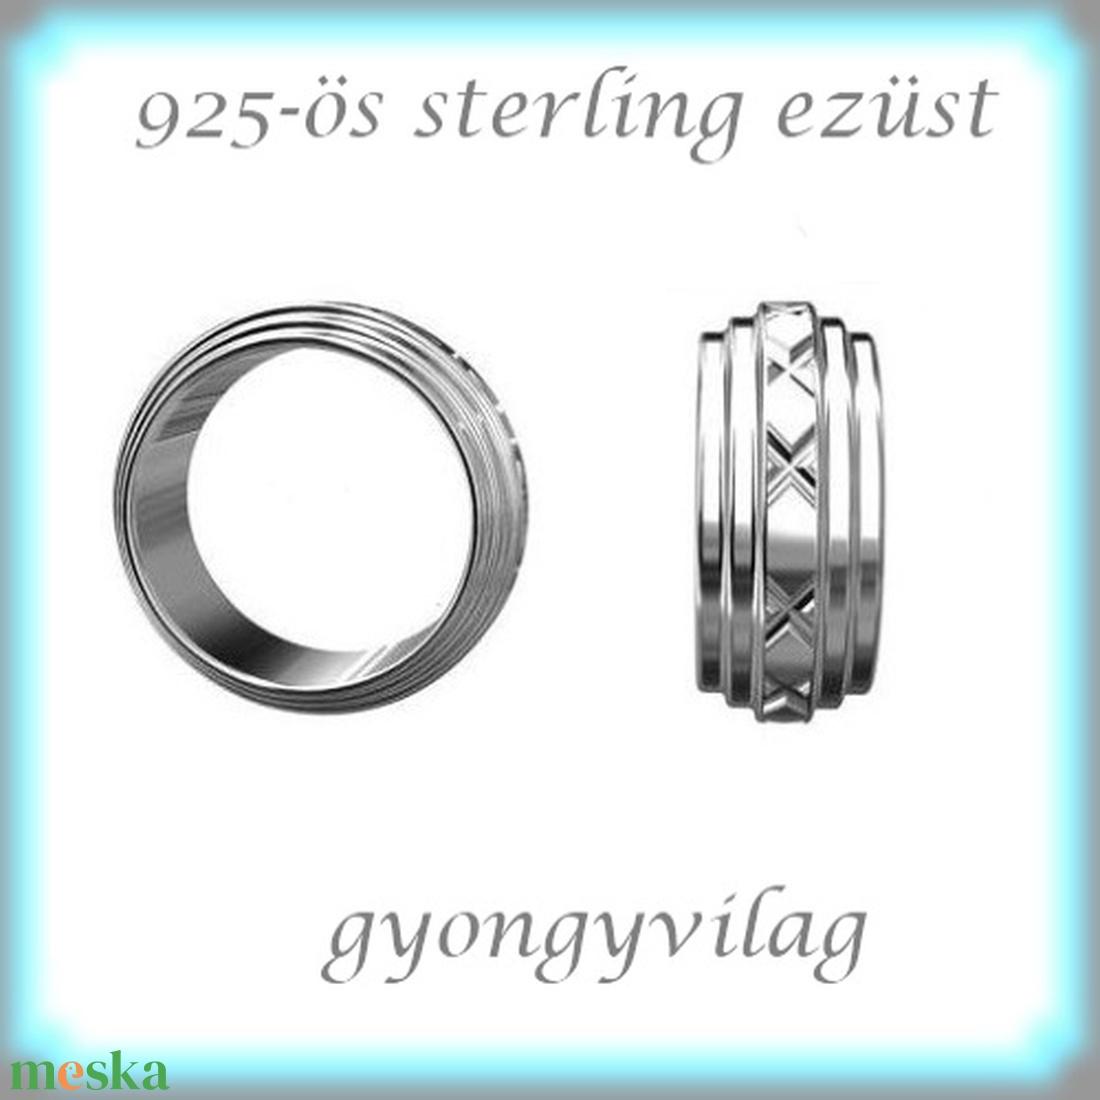 925-ös ezüst köztes / gyöngy / dísz EKÖ 67 - gyöngy, ékszerkellék - fém köztesek - Meska.hu